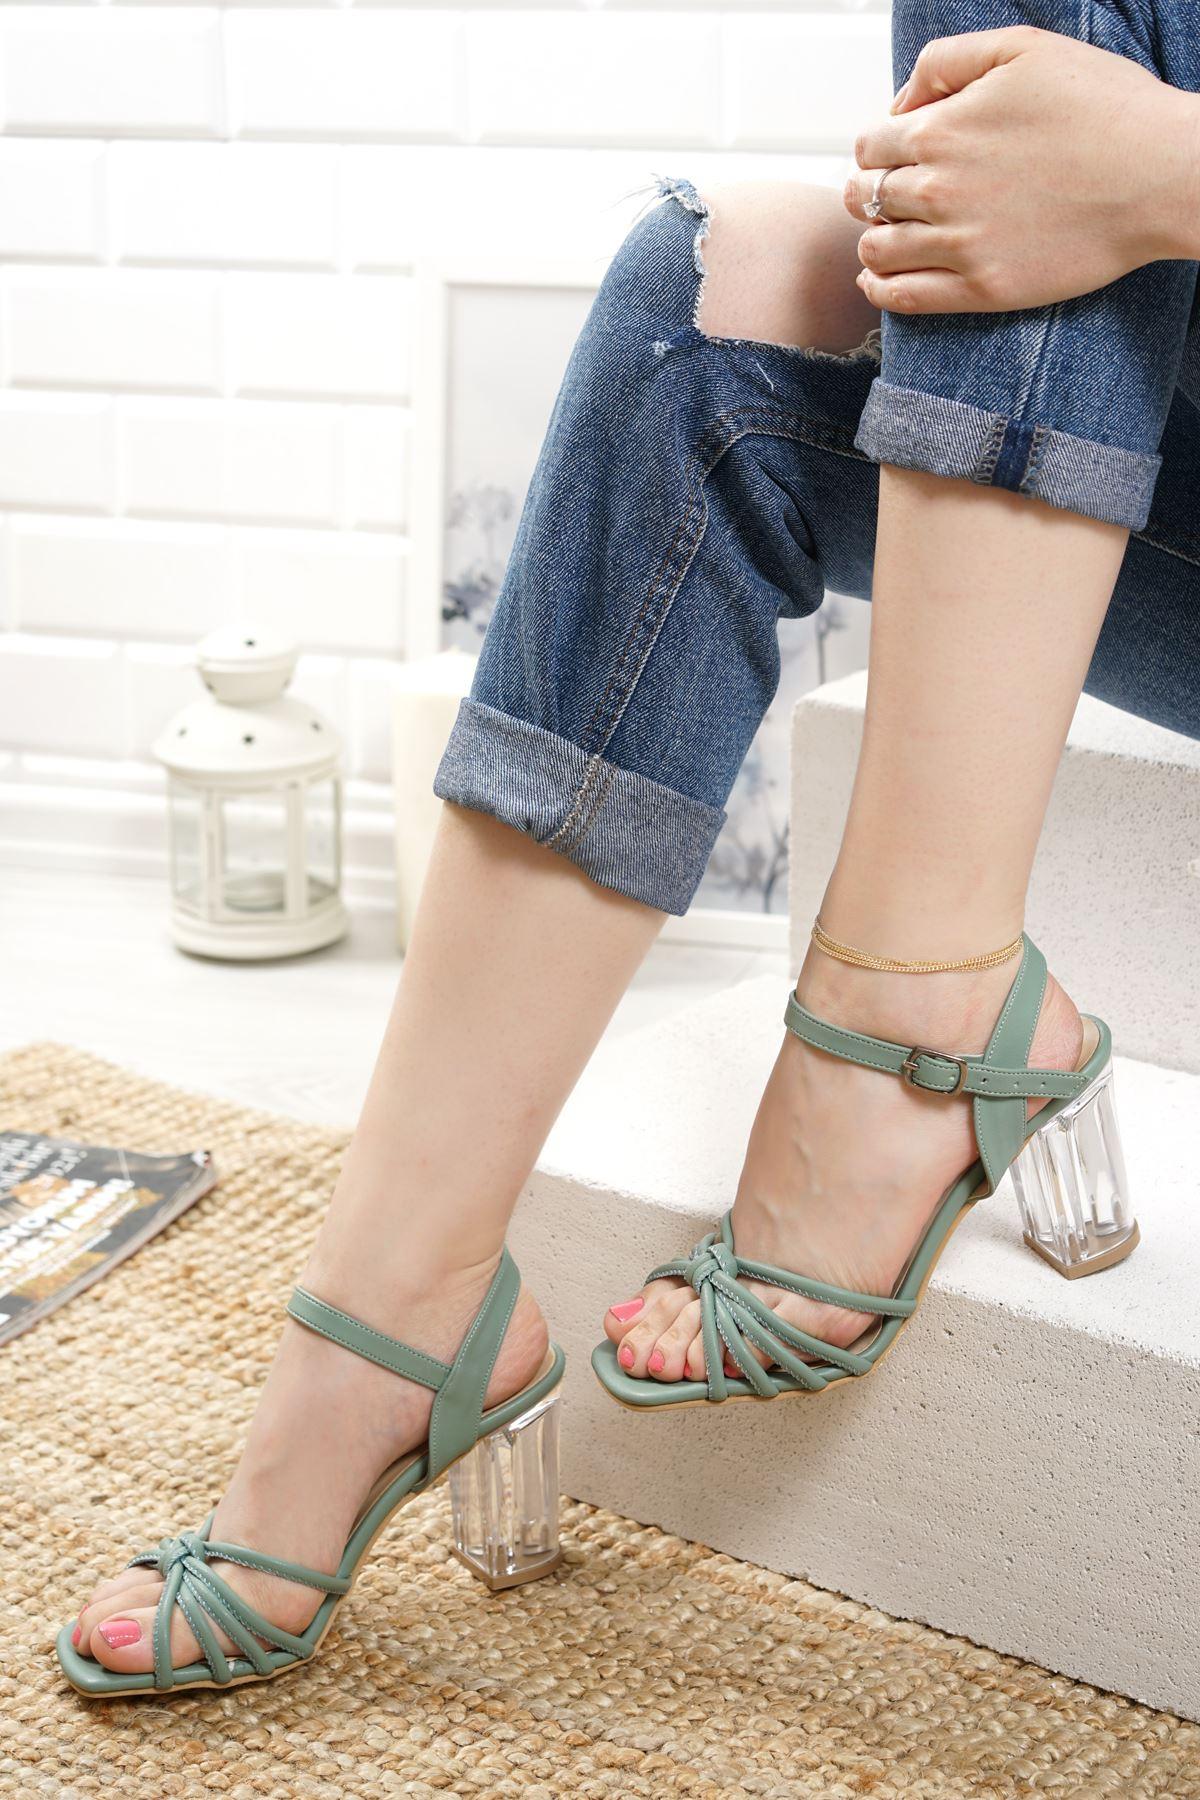 Nicole Yeşil Mat Deri Kadın Topuklu Ayakkabı